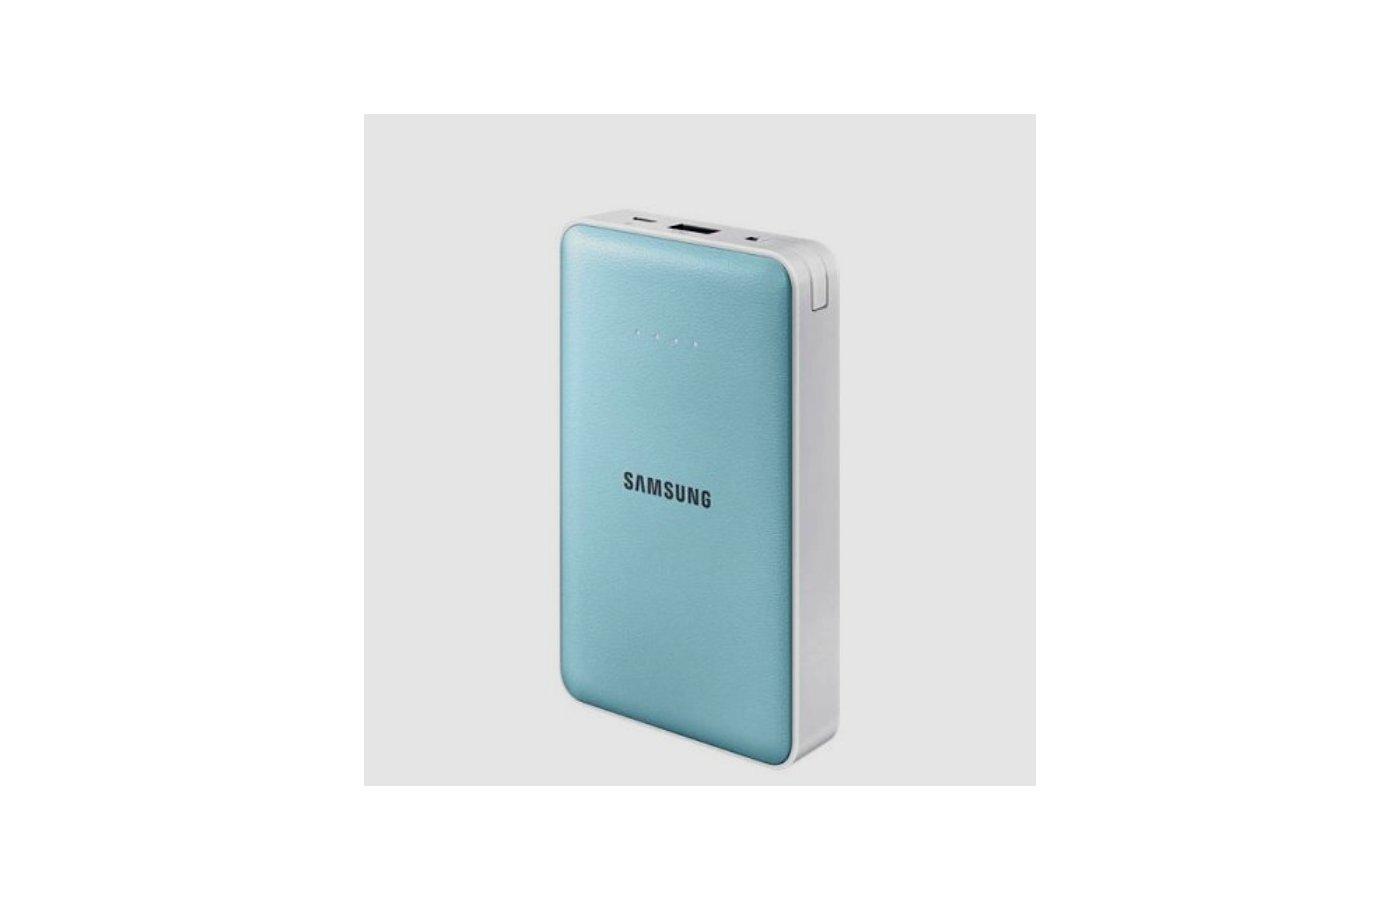 Портативный аккумулятор Samsung EB-PN915 11.3mAh голубой (EB-PN915BLRGRU)